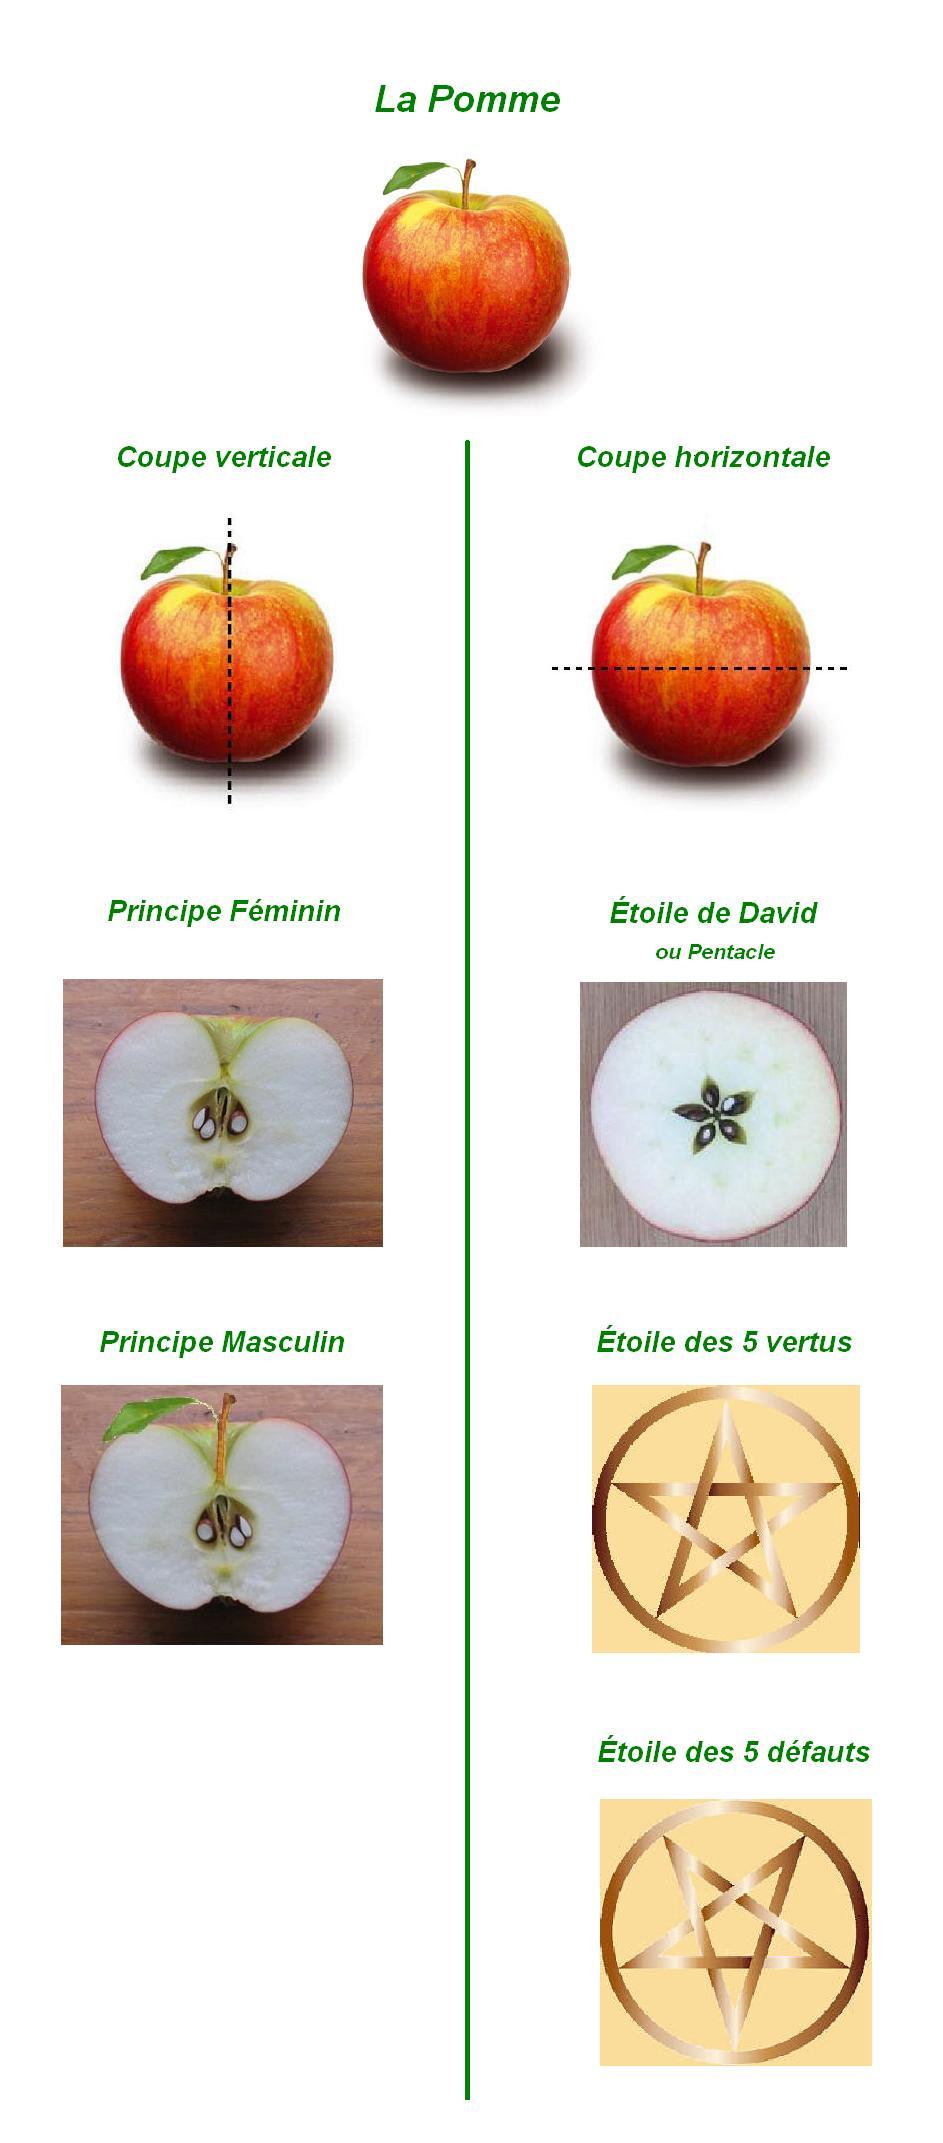 Symbole de la pomme